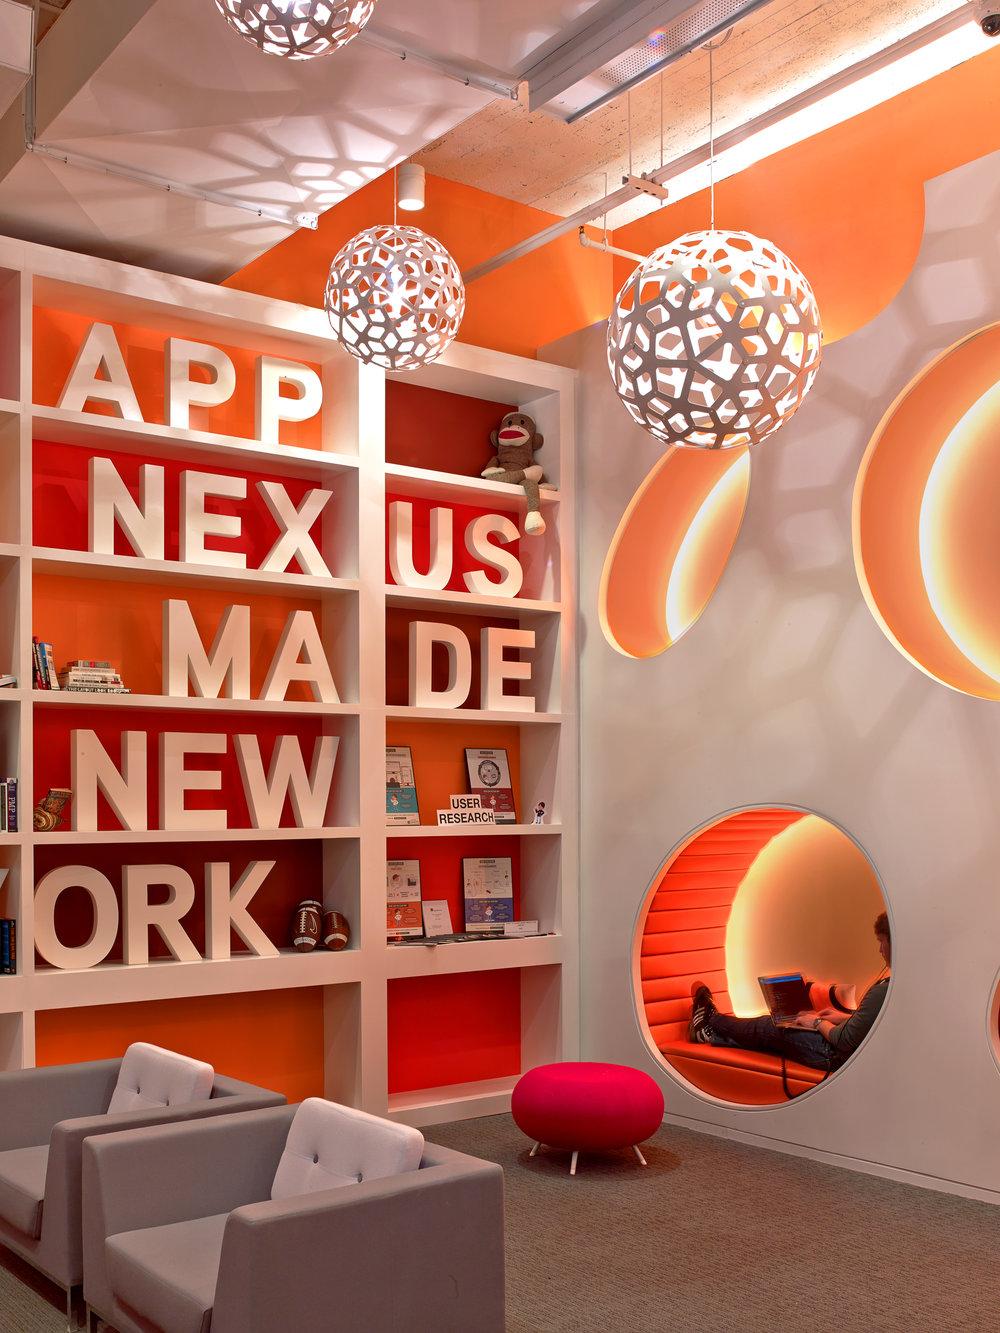 AppNexus, New York, NY